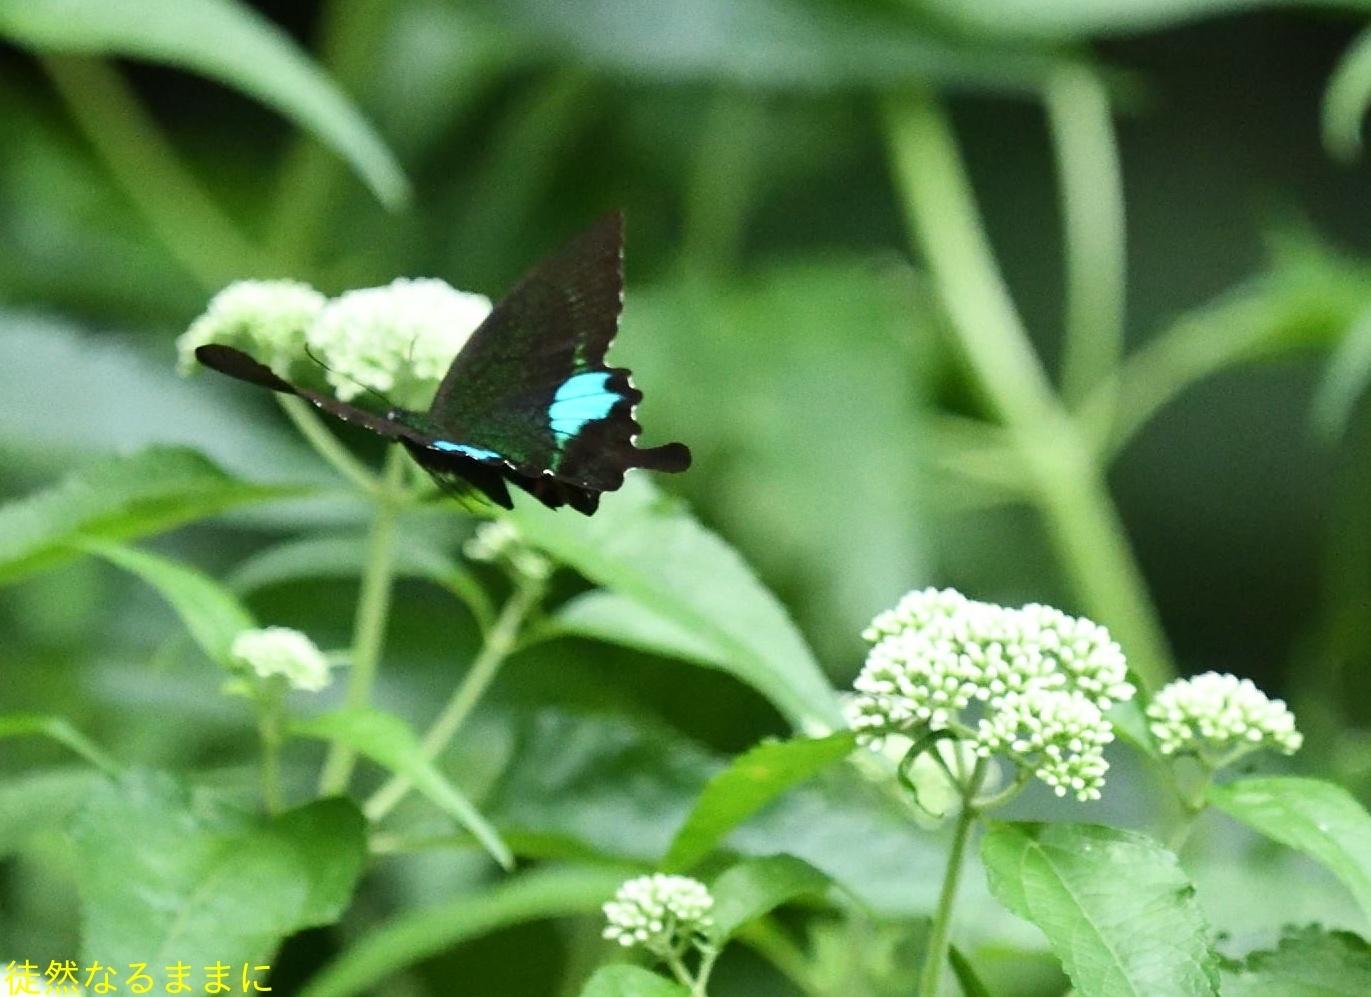 本部渓の蝶たち ②_d0285540_19382177.jpg